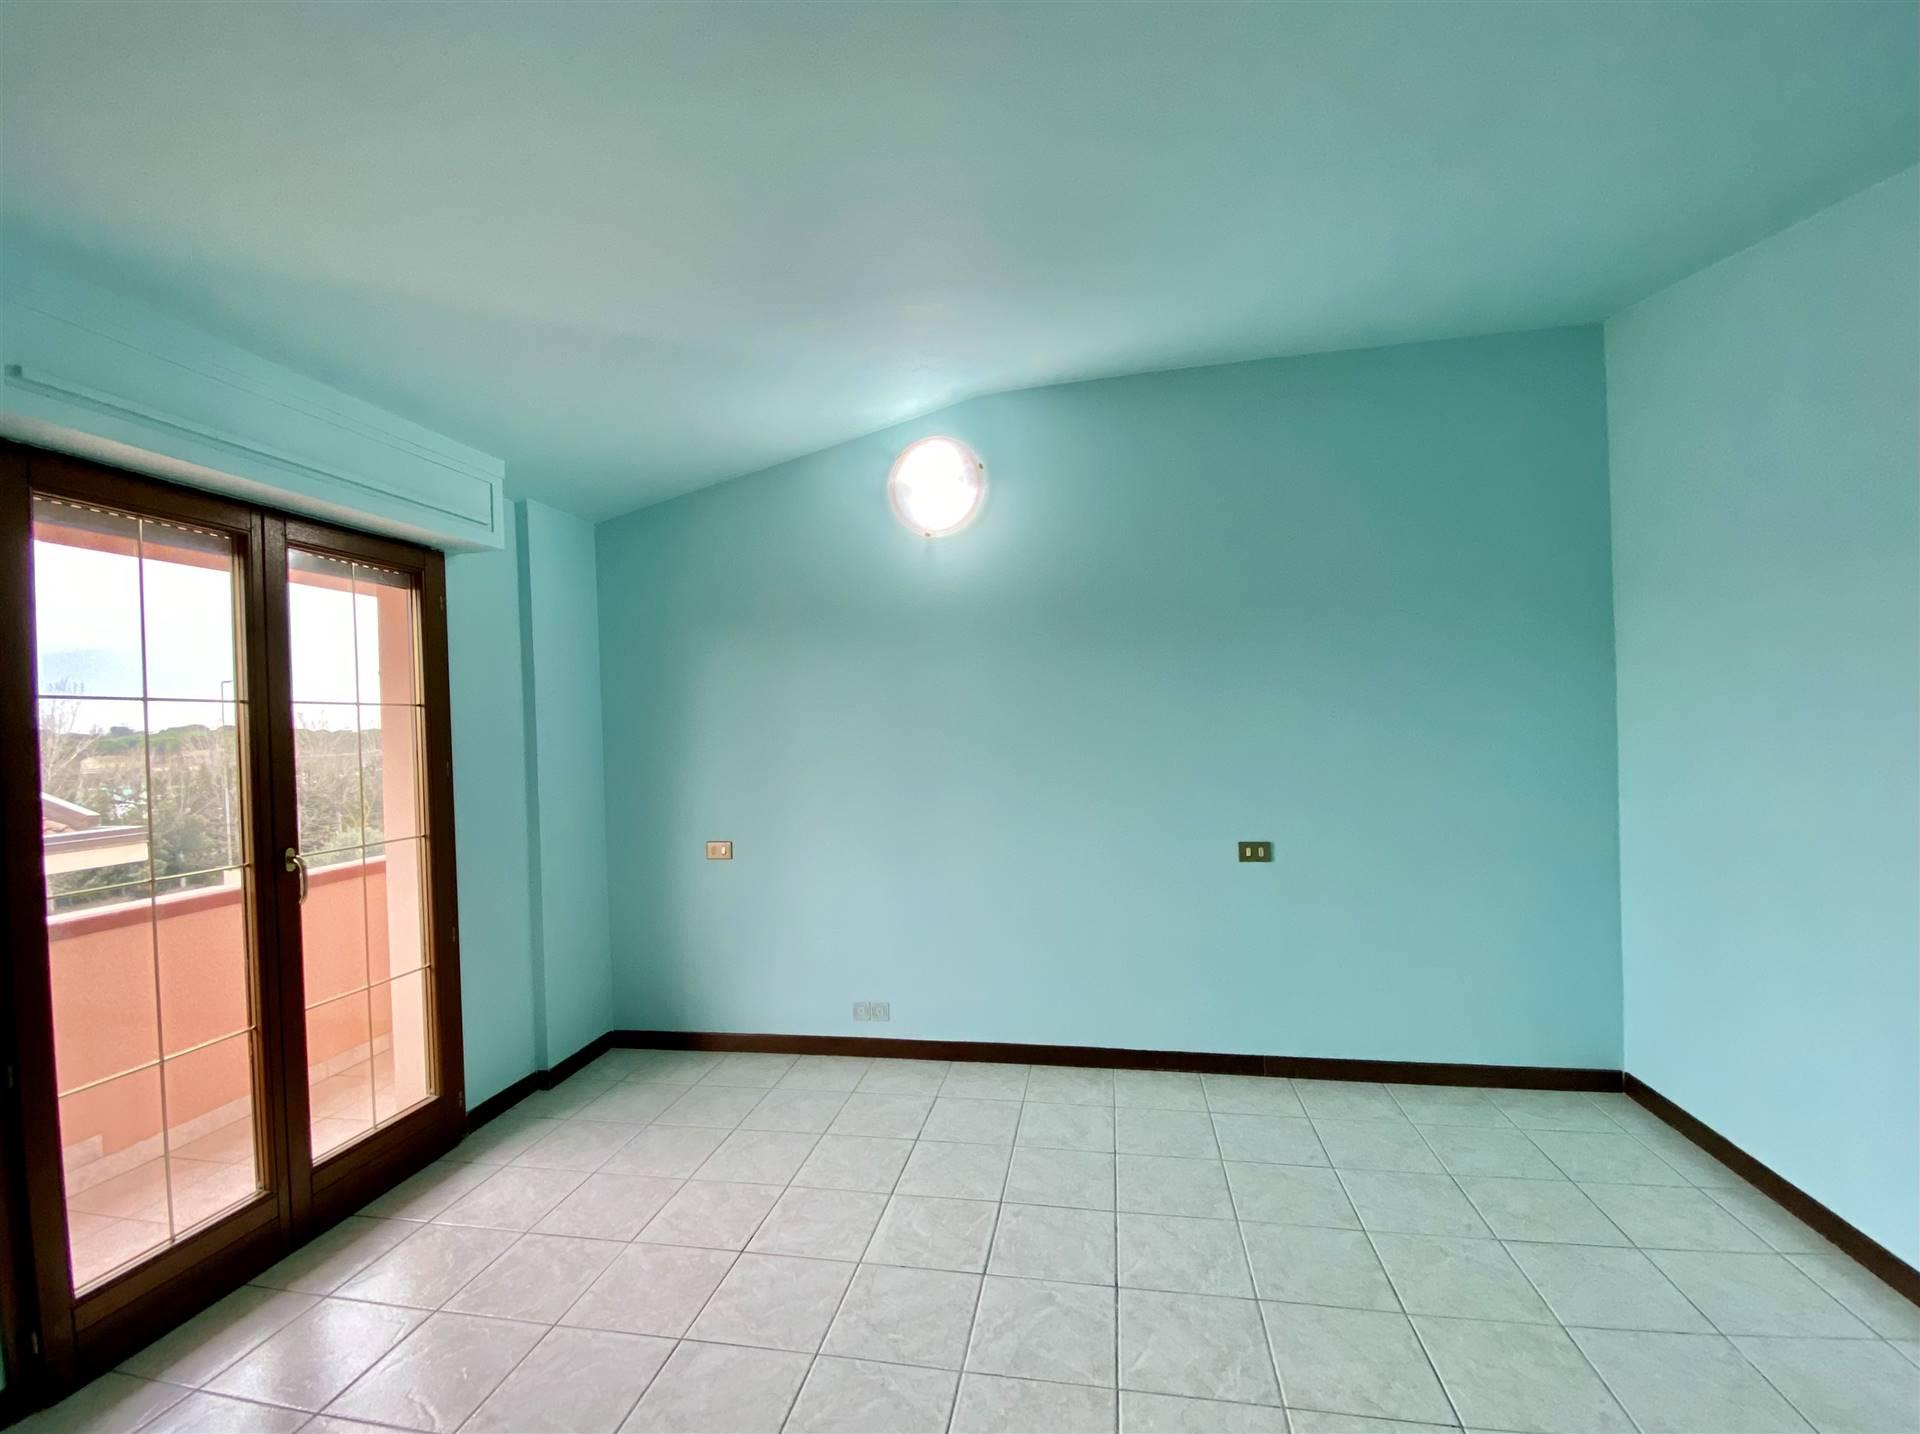 camera in mansarda